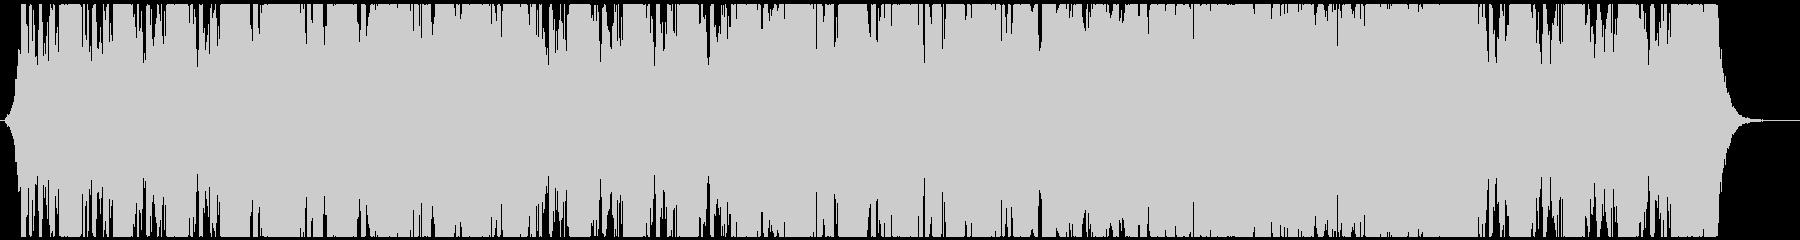 ハイブリッドオーケストラの戦闘曲の未再生の波形